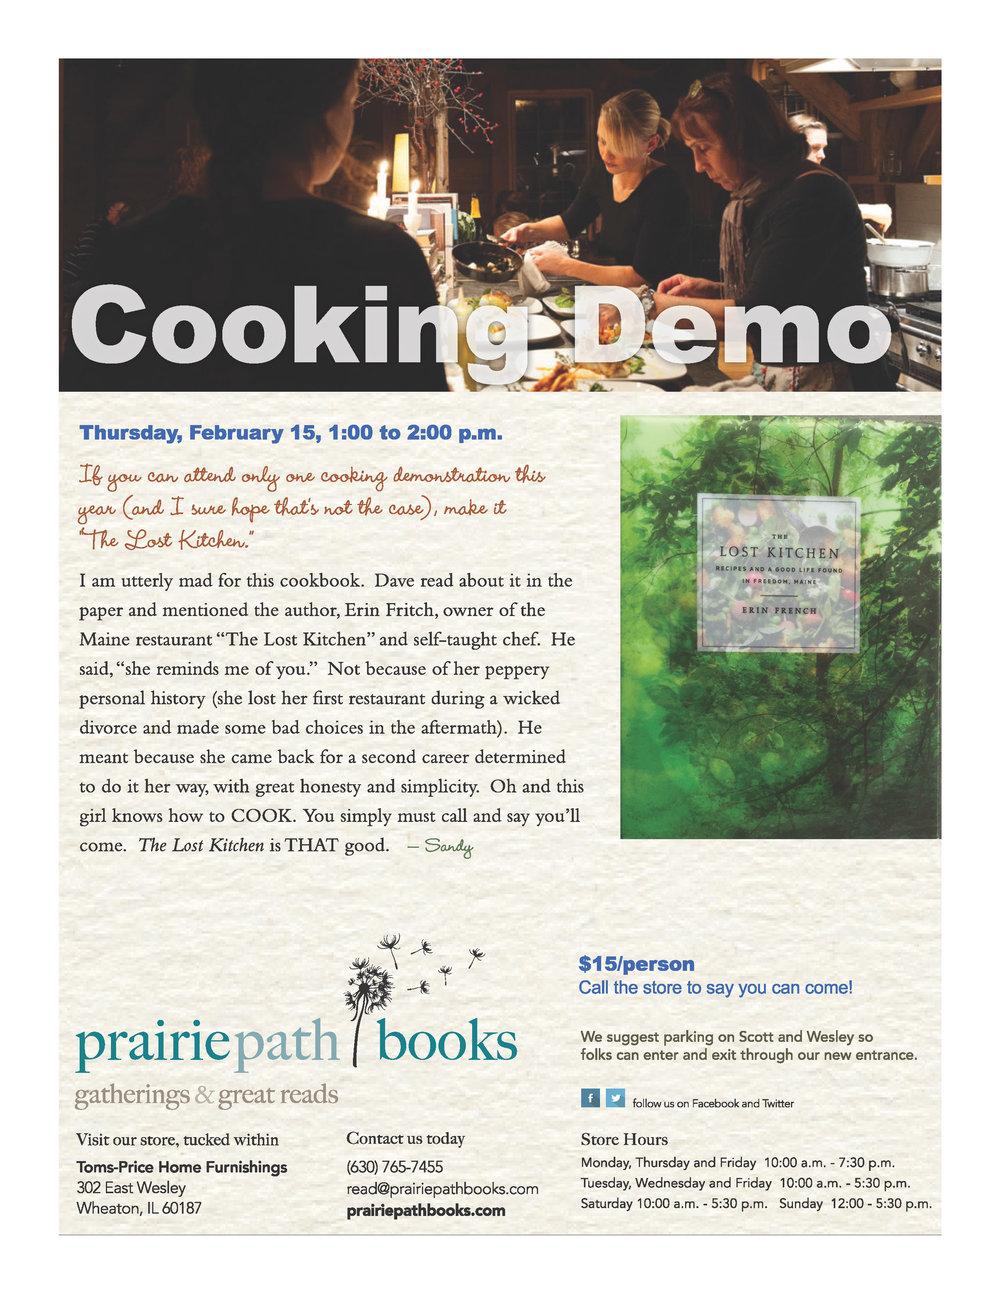 CookingDemoLostKitchen_February15.jpg